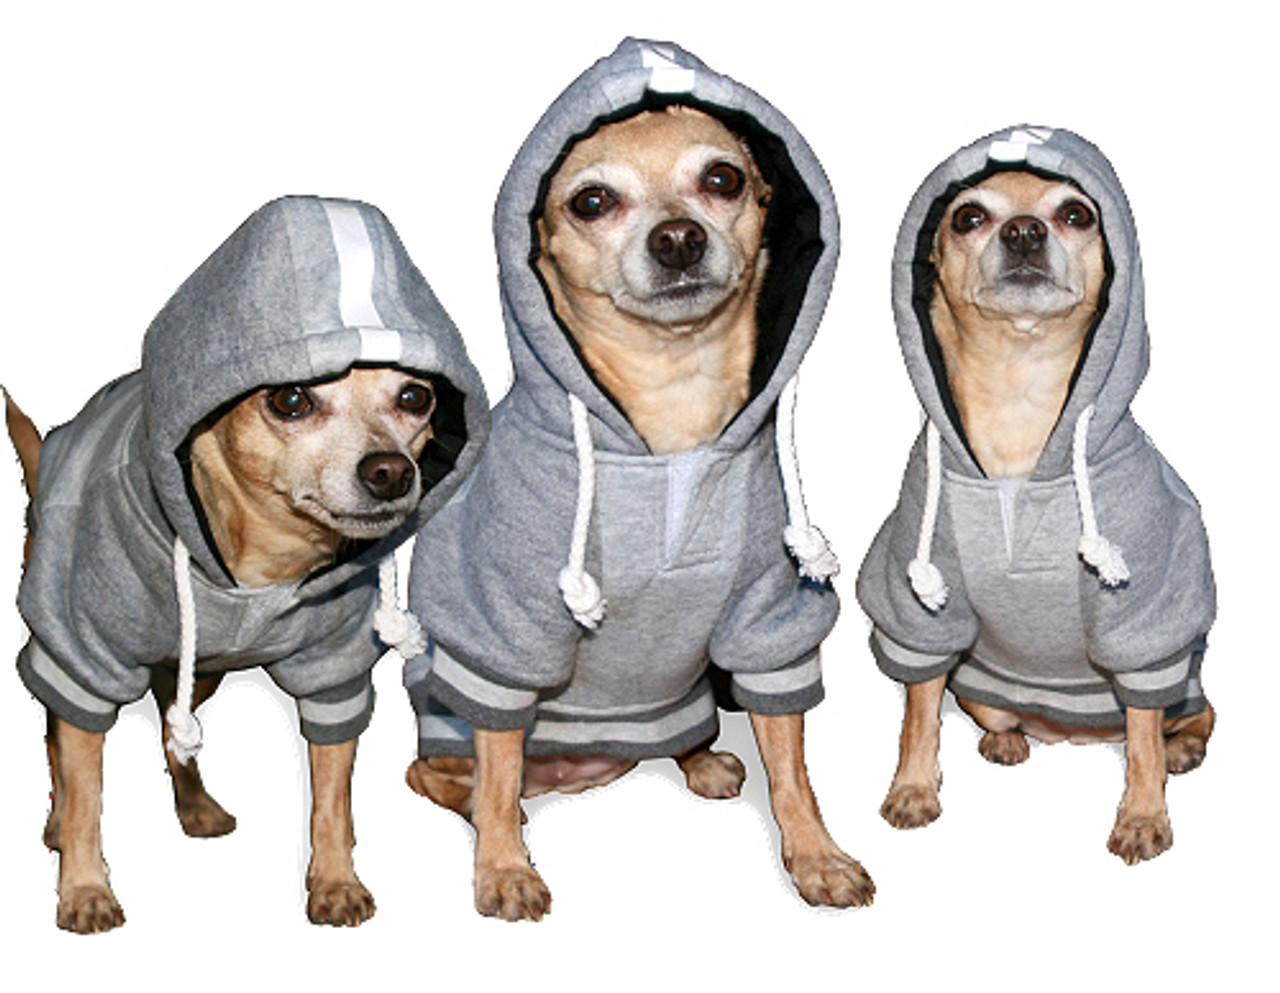 All Star Dogs NCAA Indiana Hoosiers Cotton Hooded Dog Sweatshirt